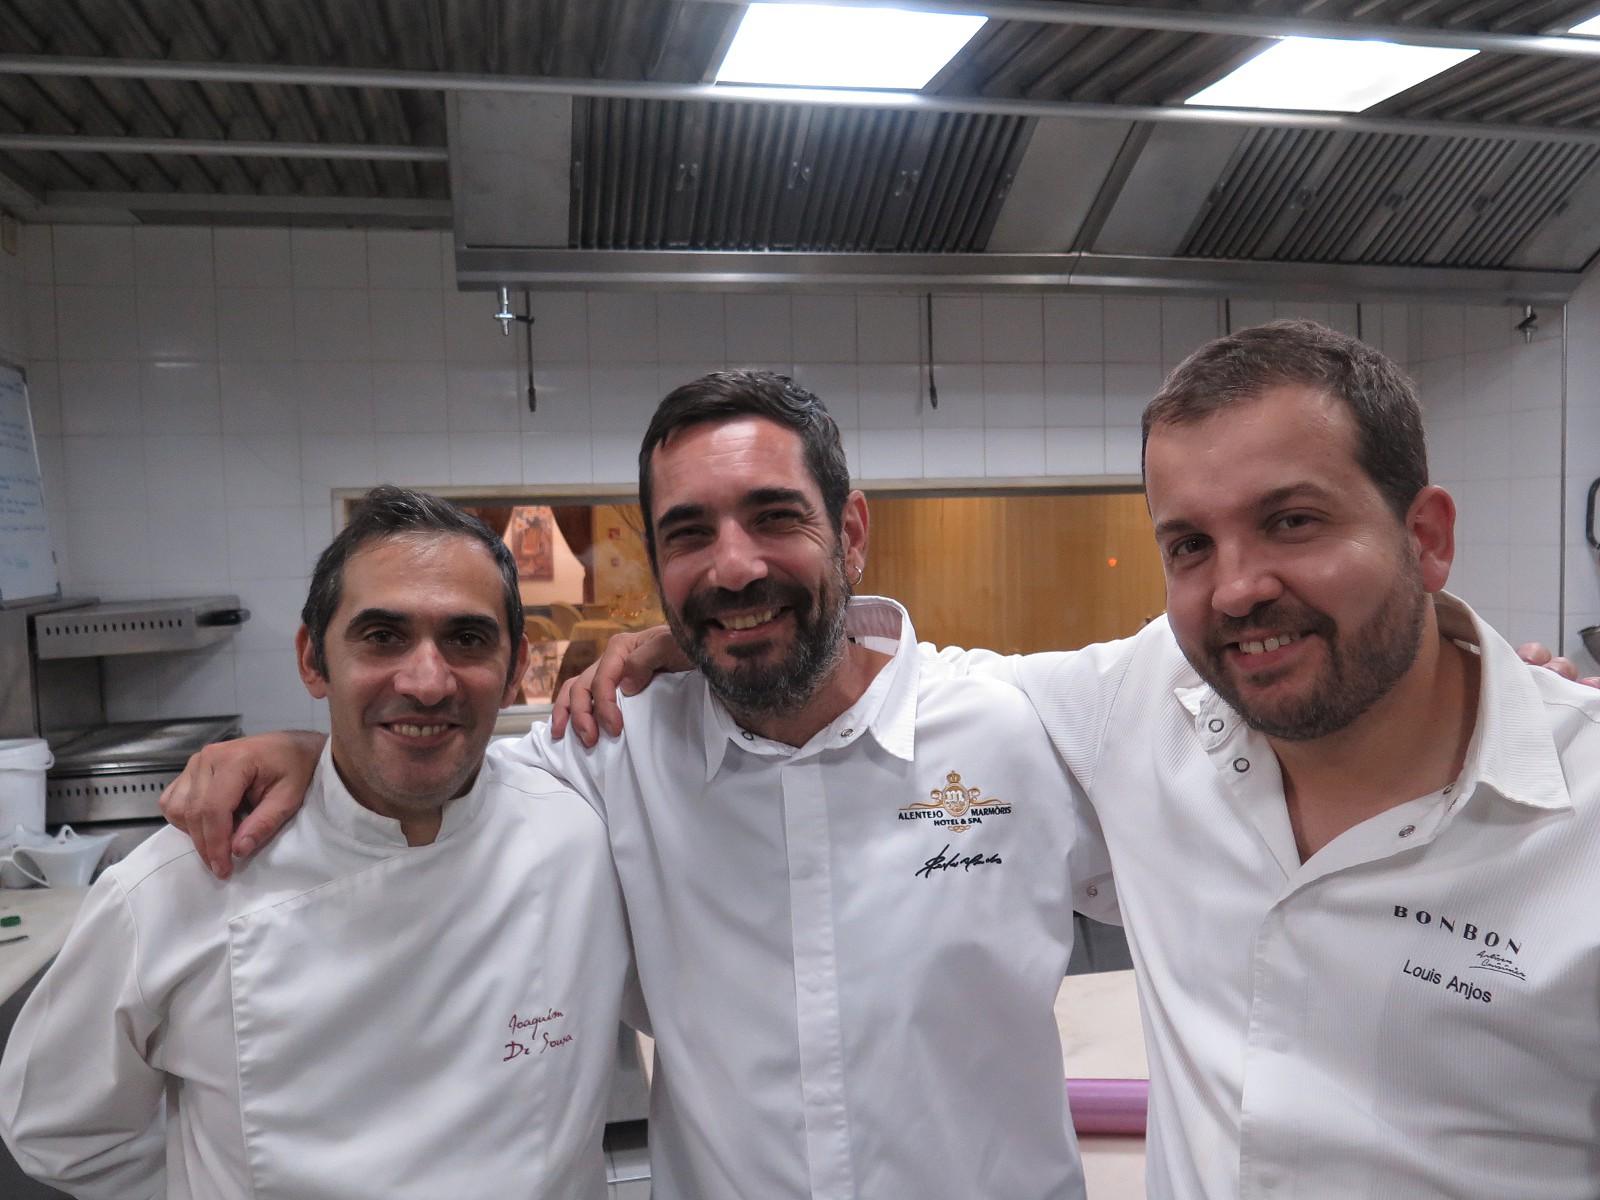 Joaquim de Sousa, Pedro Mendes, Louis Anjos